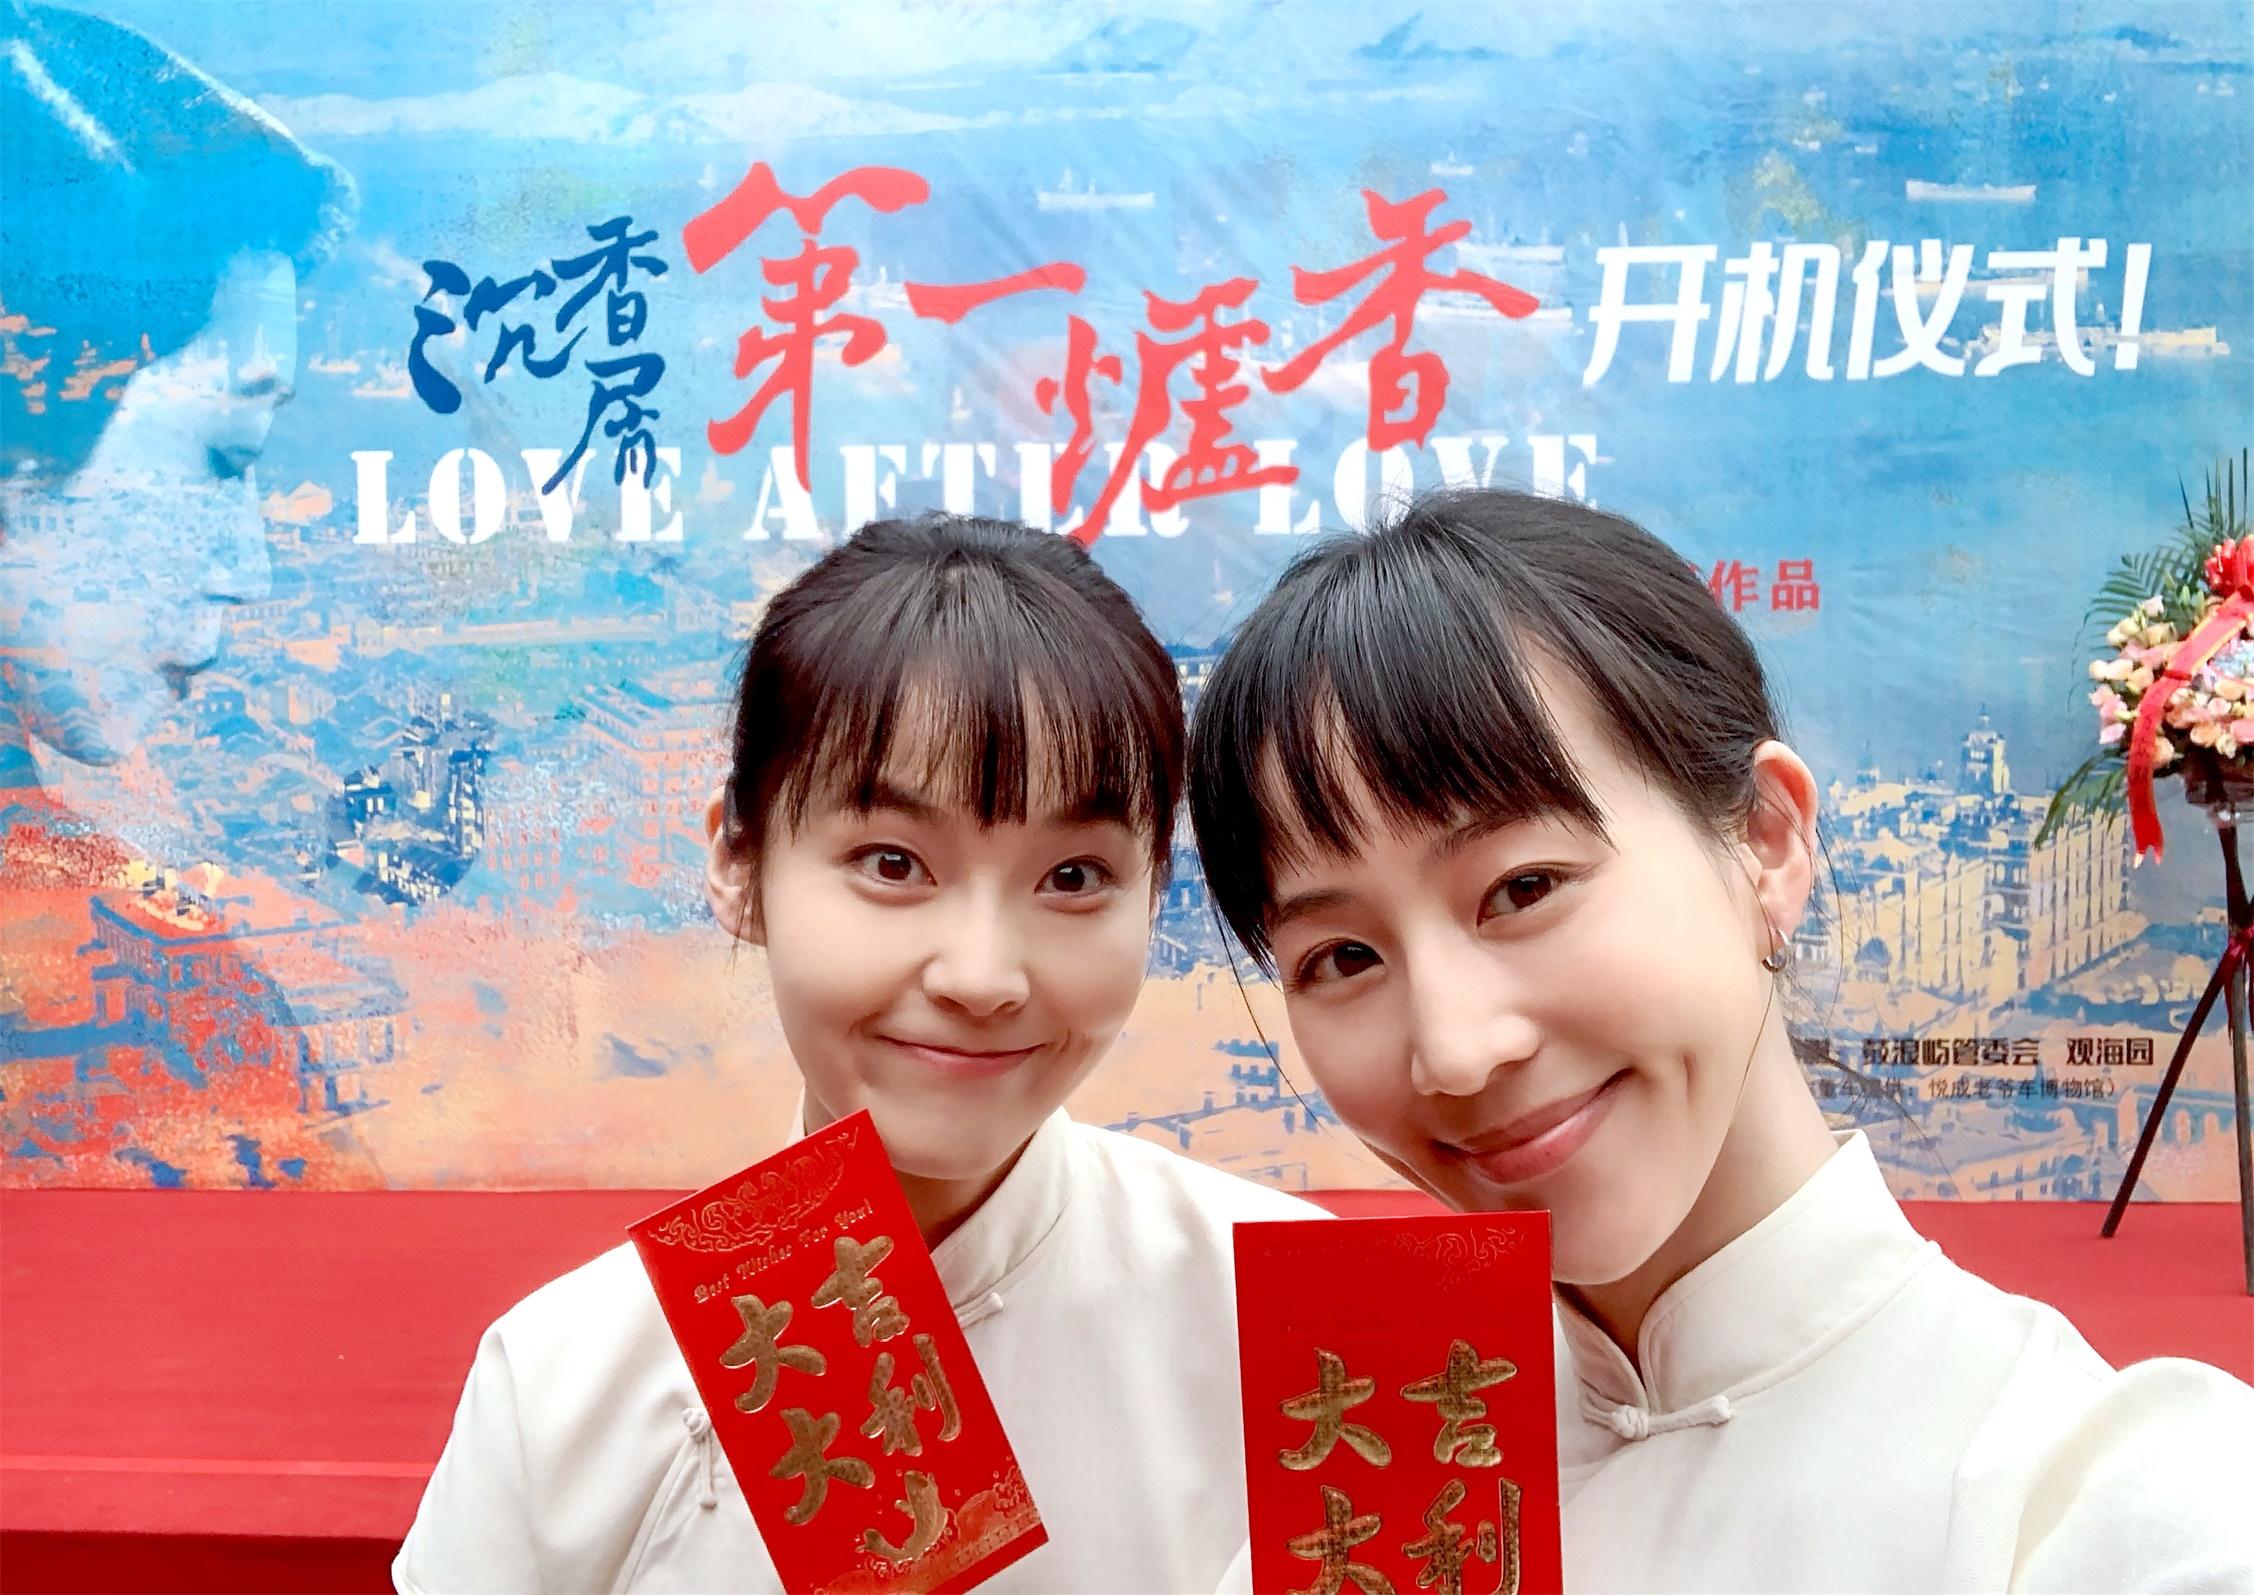 张佳宁电影《第一炉香》开机  全新大银幕角色引期待